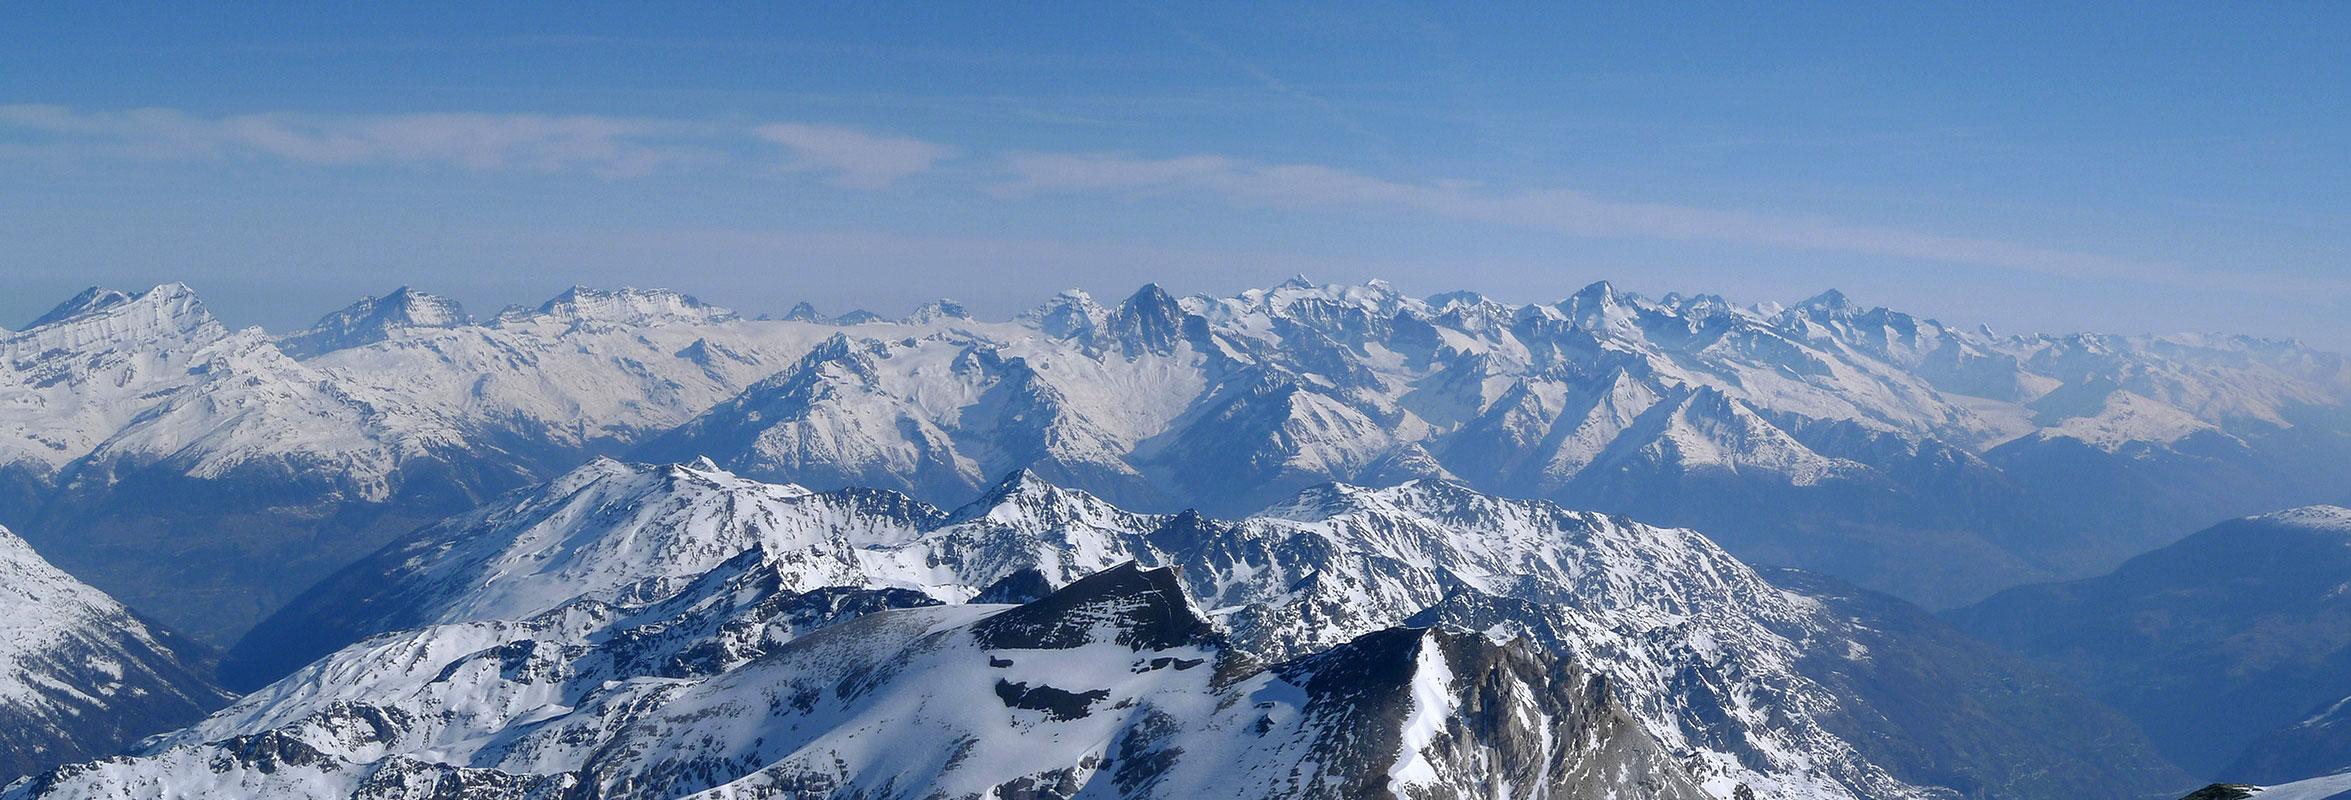 Bishorn Walliser Alpen / Alpes valaisannes Switzerland panorama 43